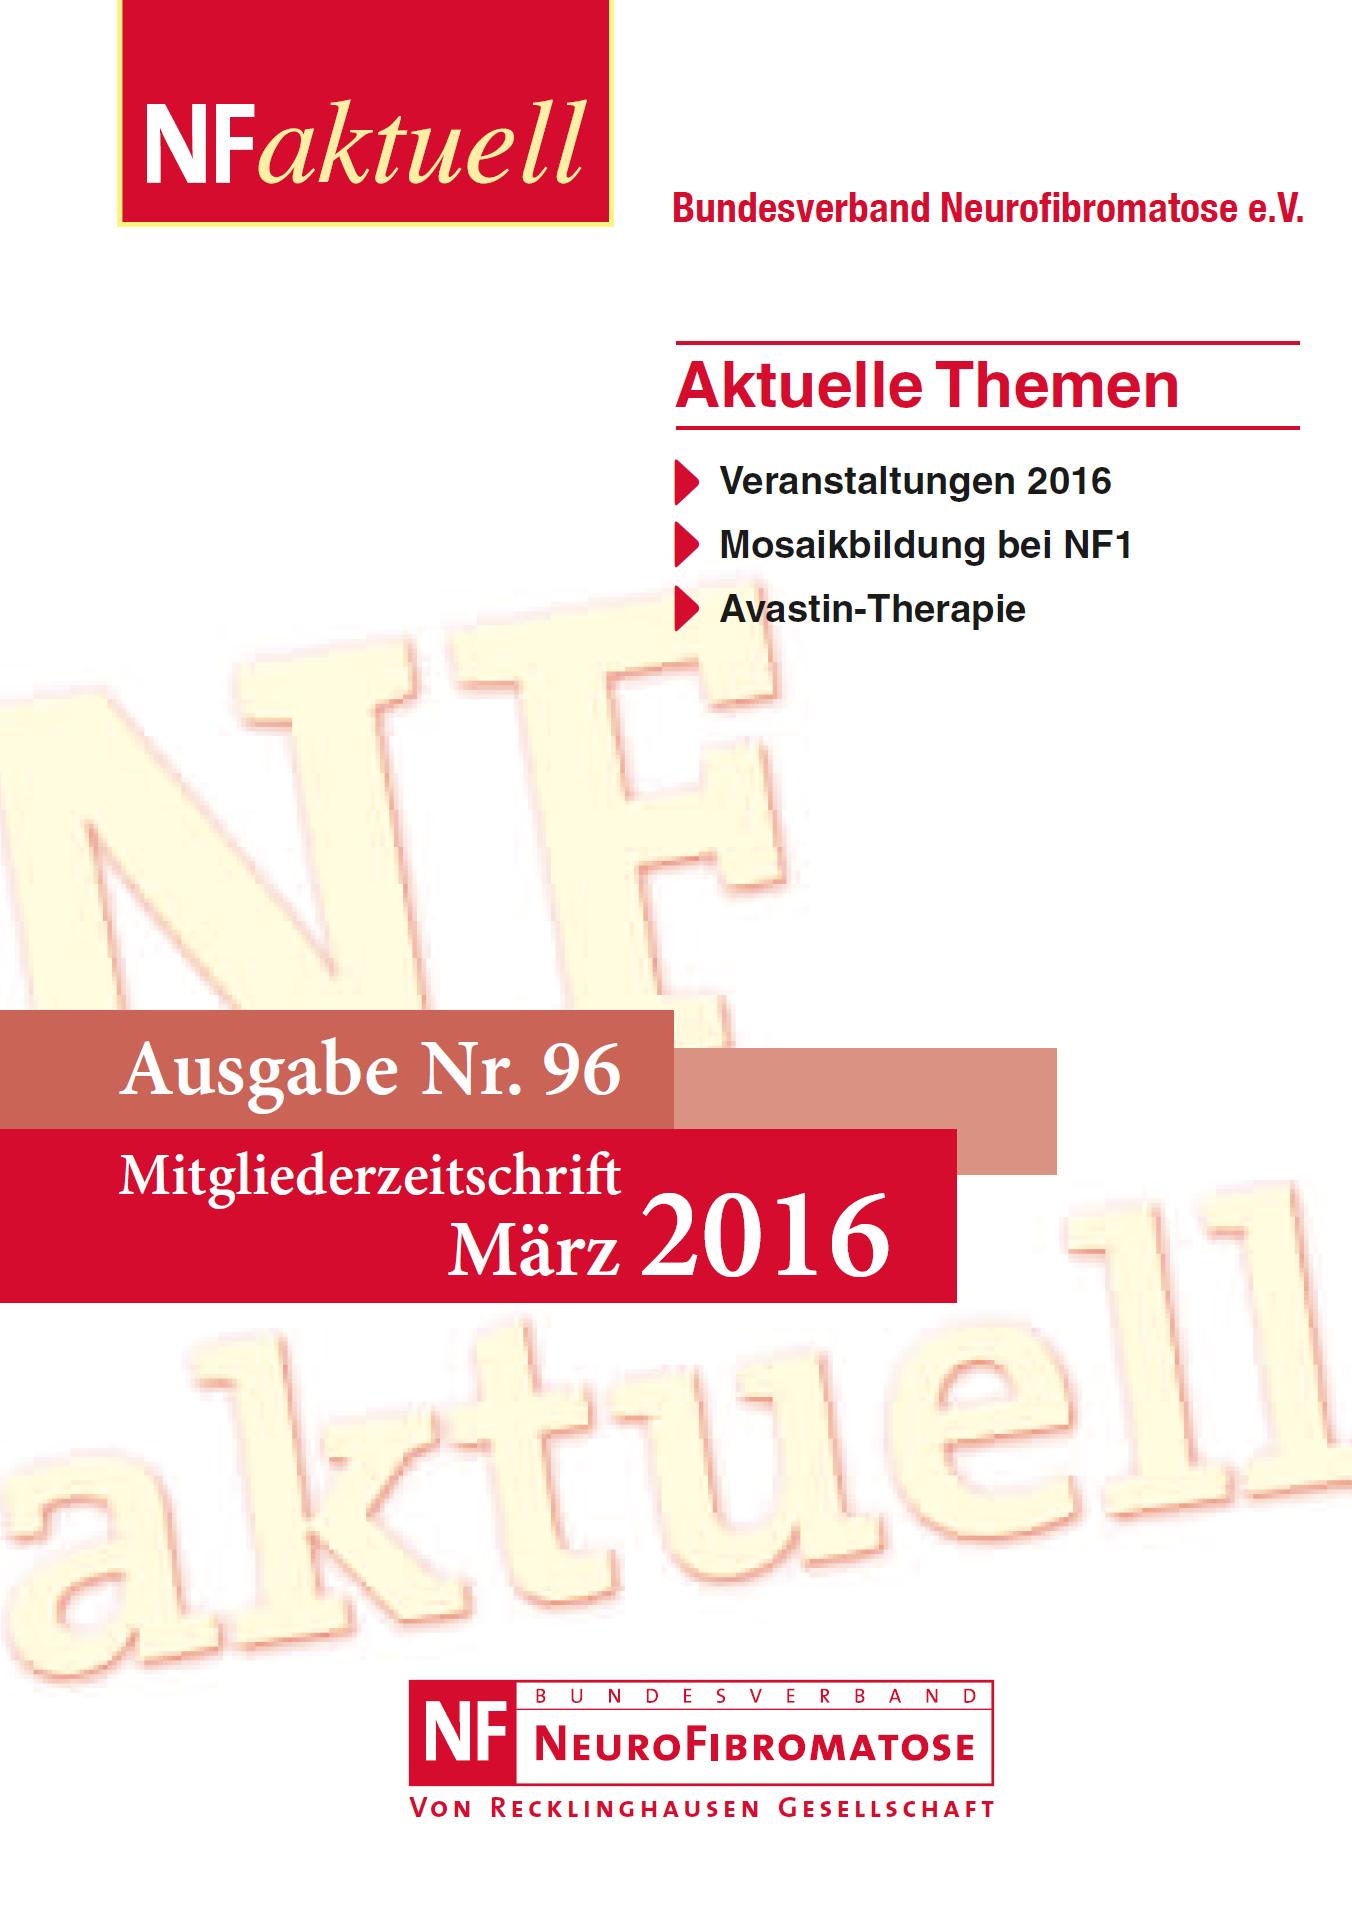 NFaktuell-96-maerz-2016-titel